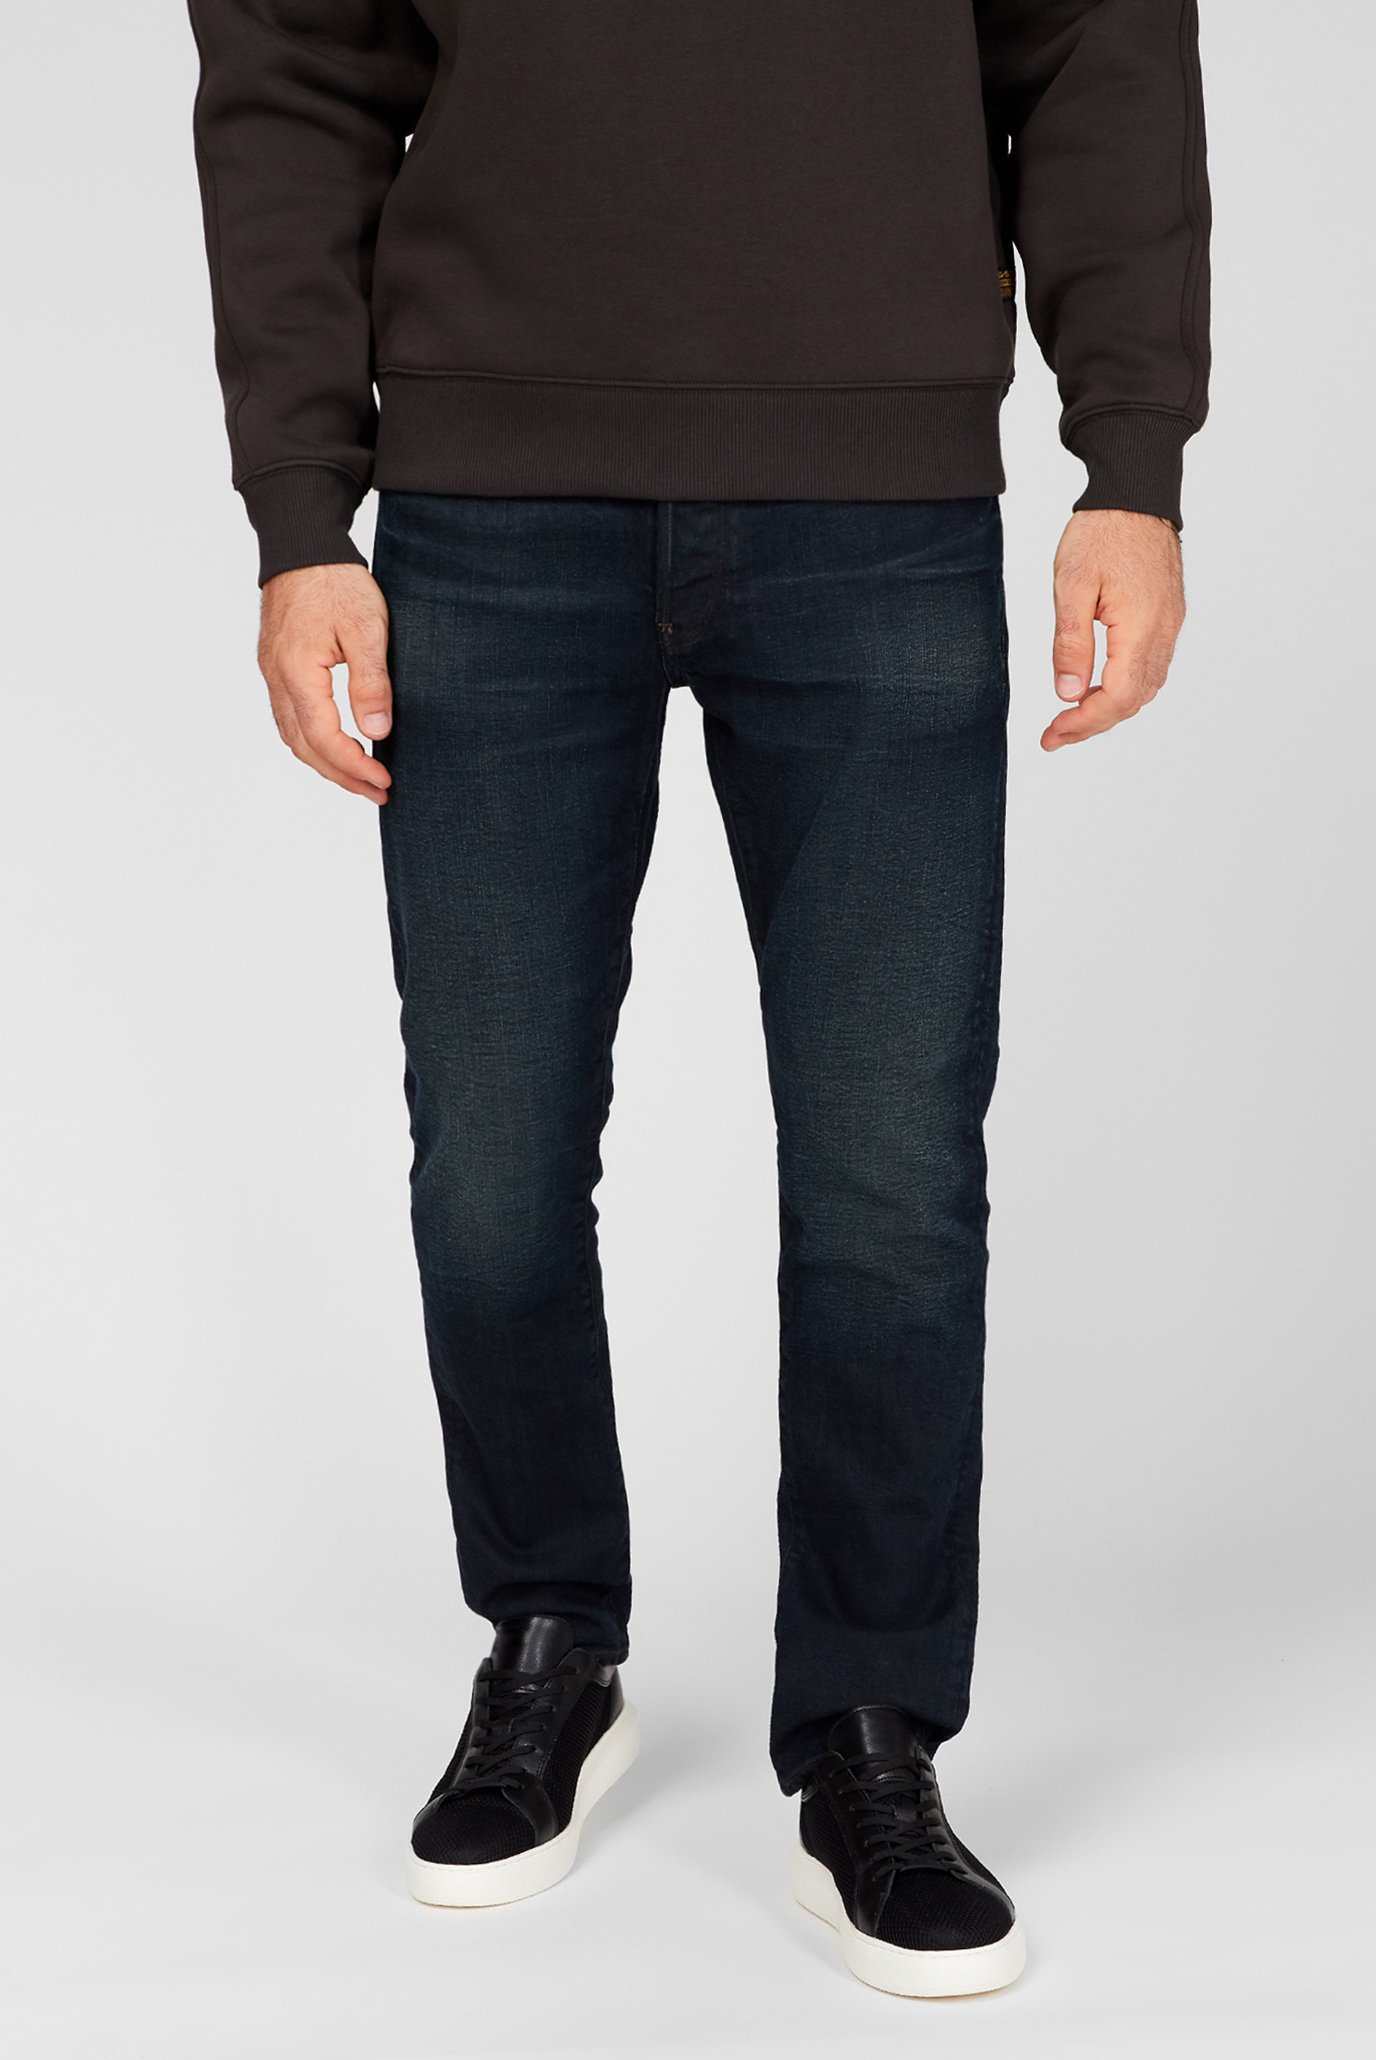 Мужские темно-синие джинсы G-bleid Slim C 1